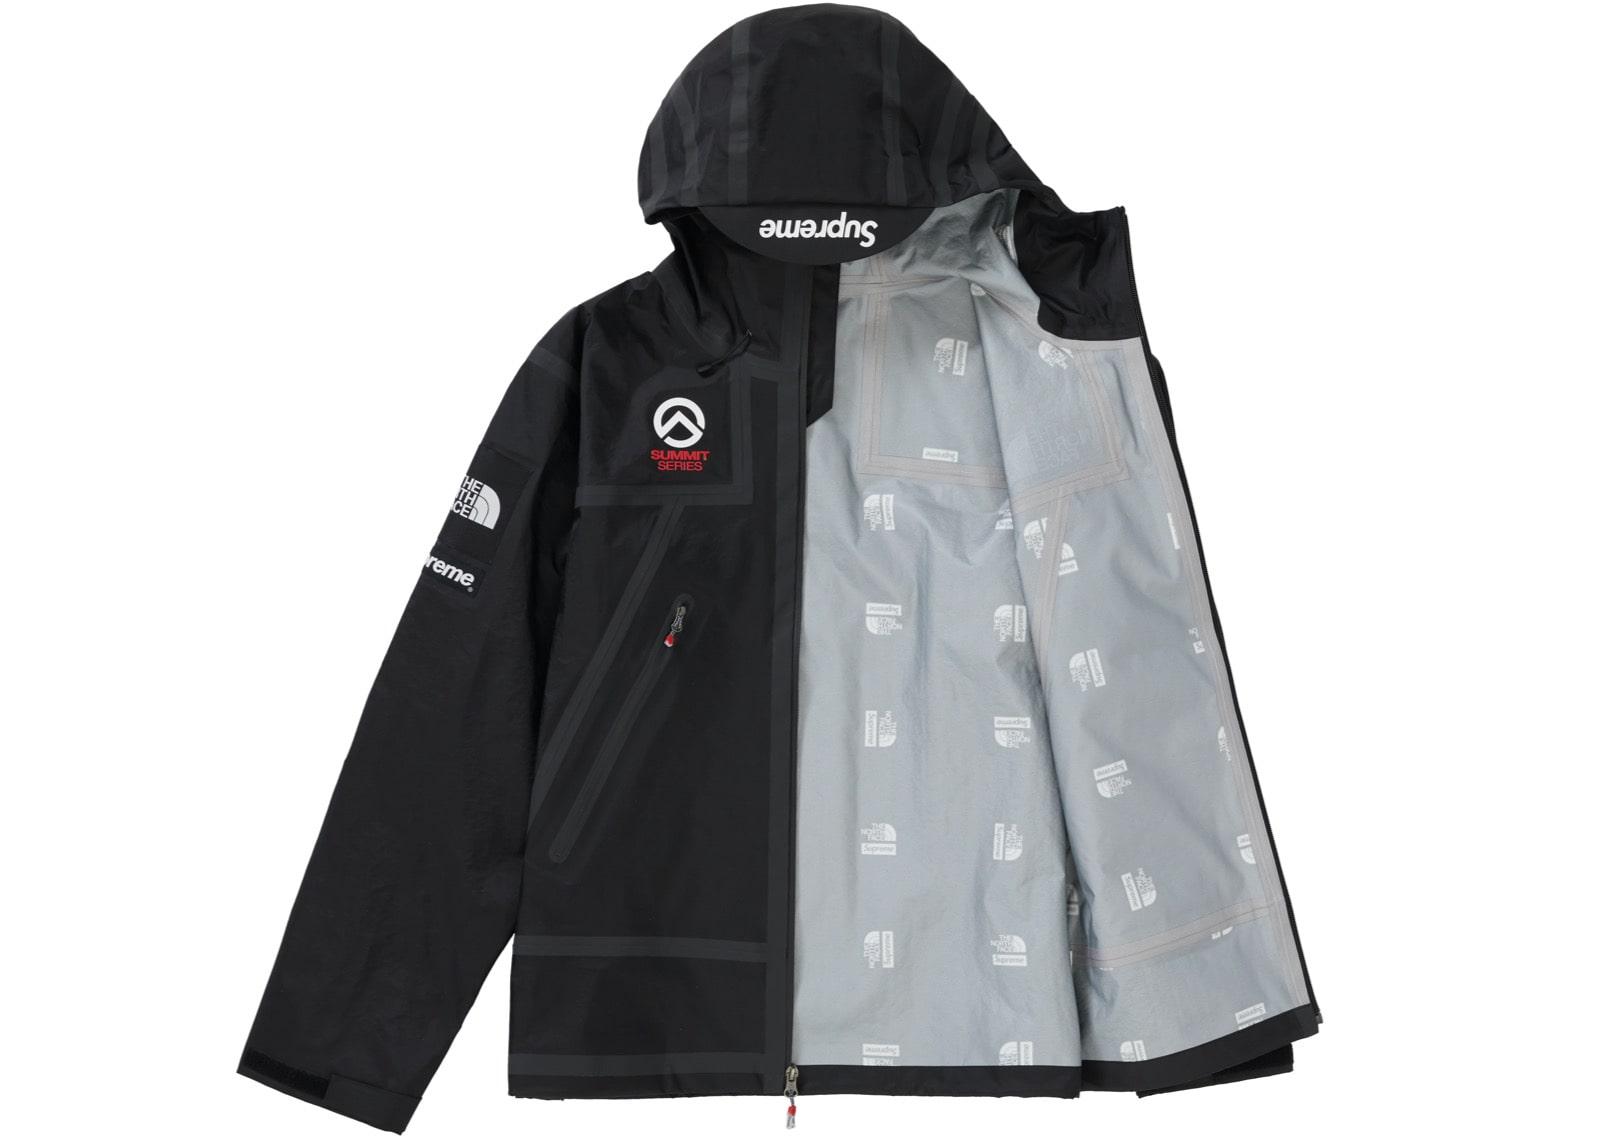 slide 3 - Black Summit Series Outer Tape Seam Jacket